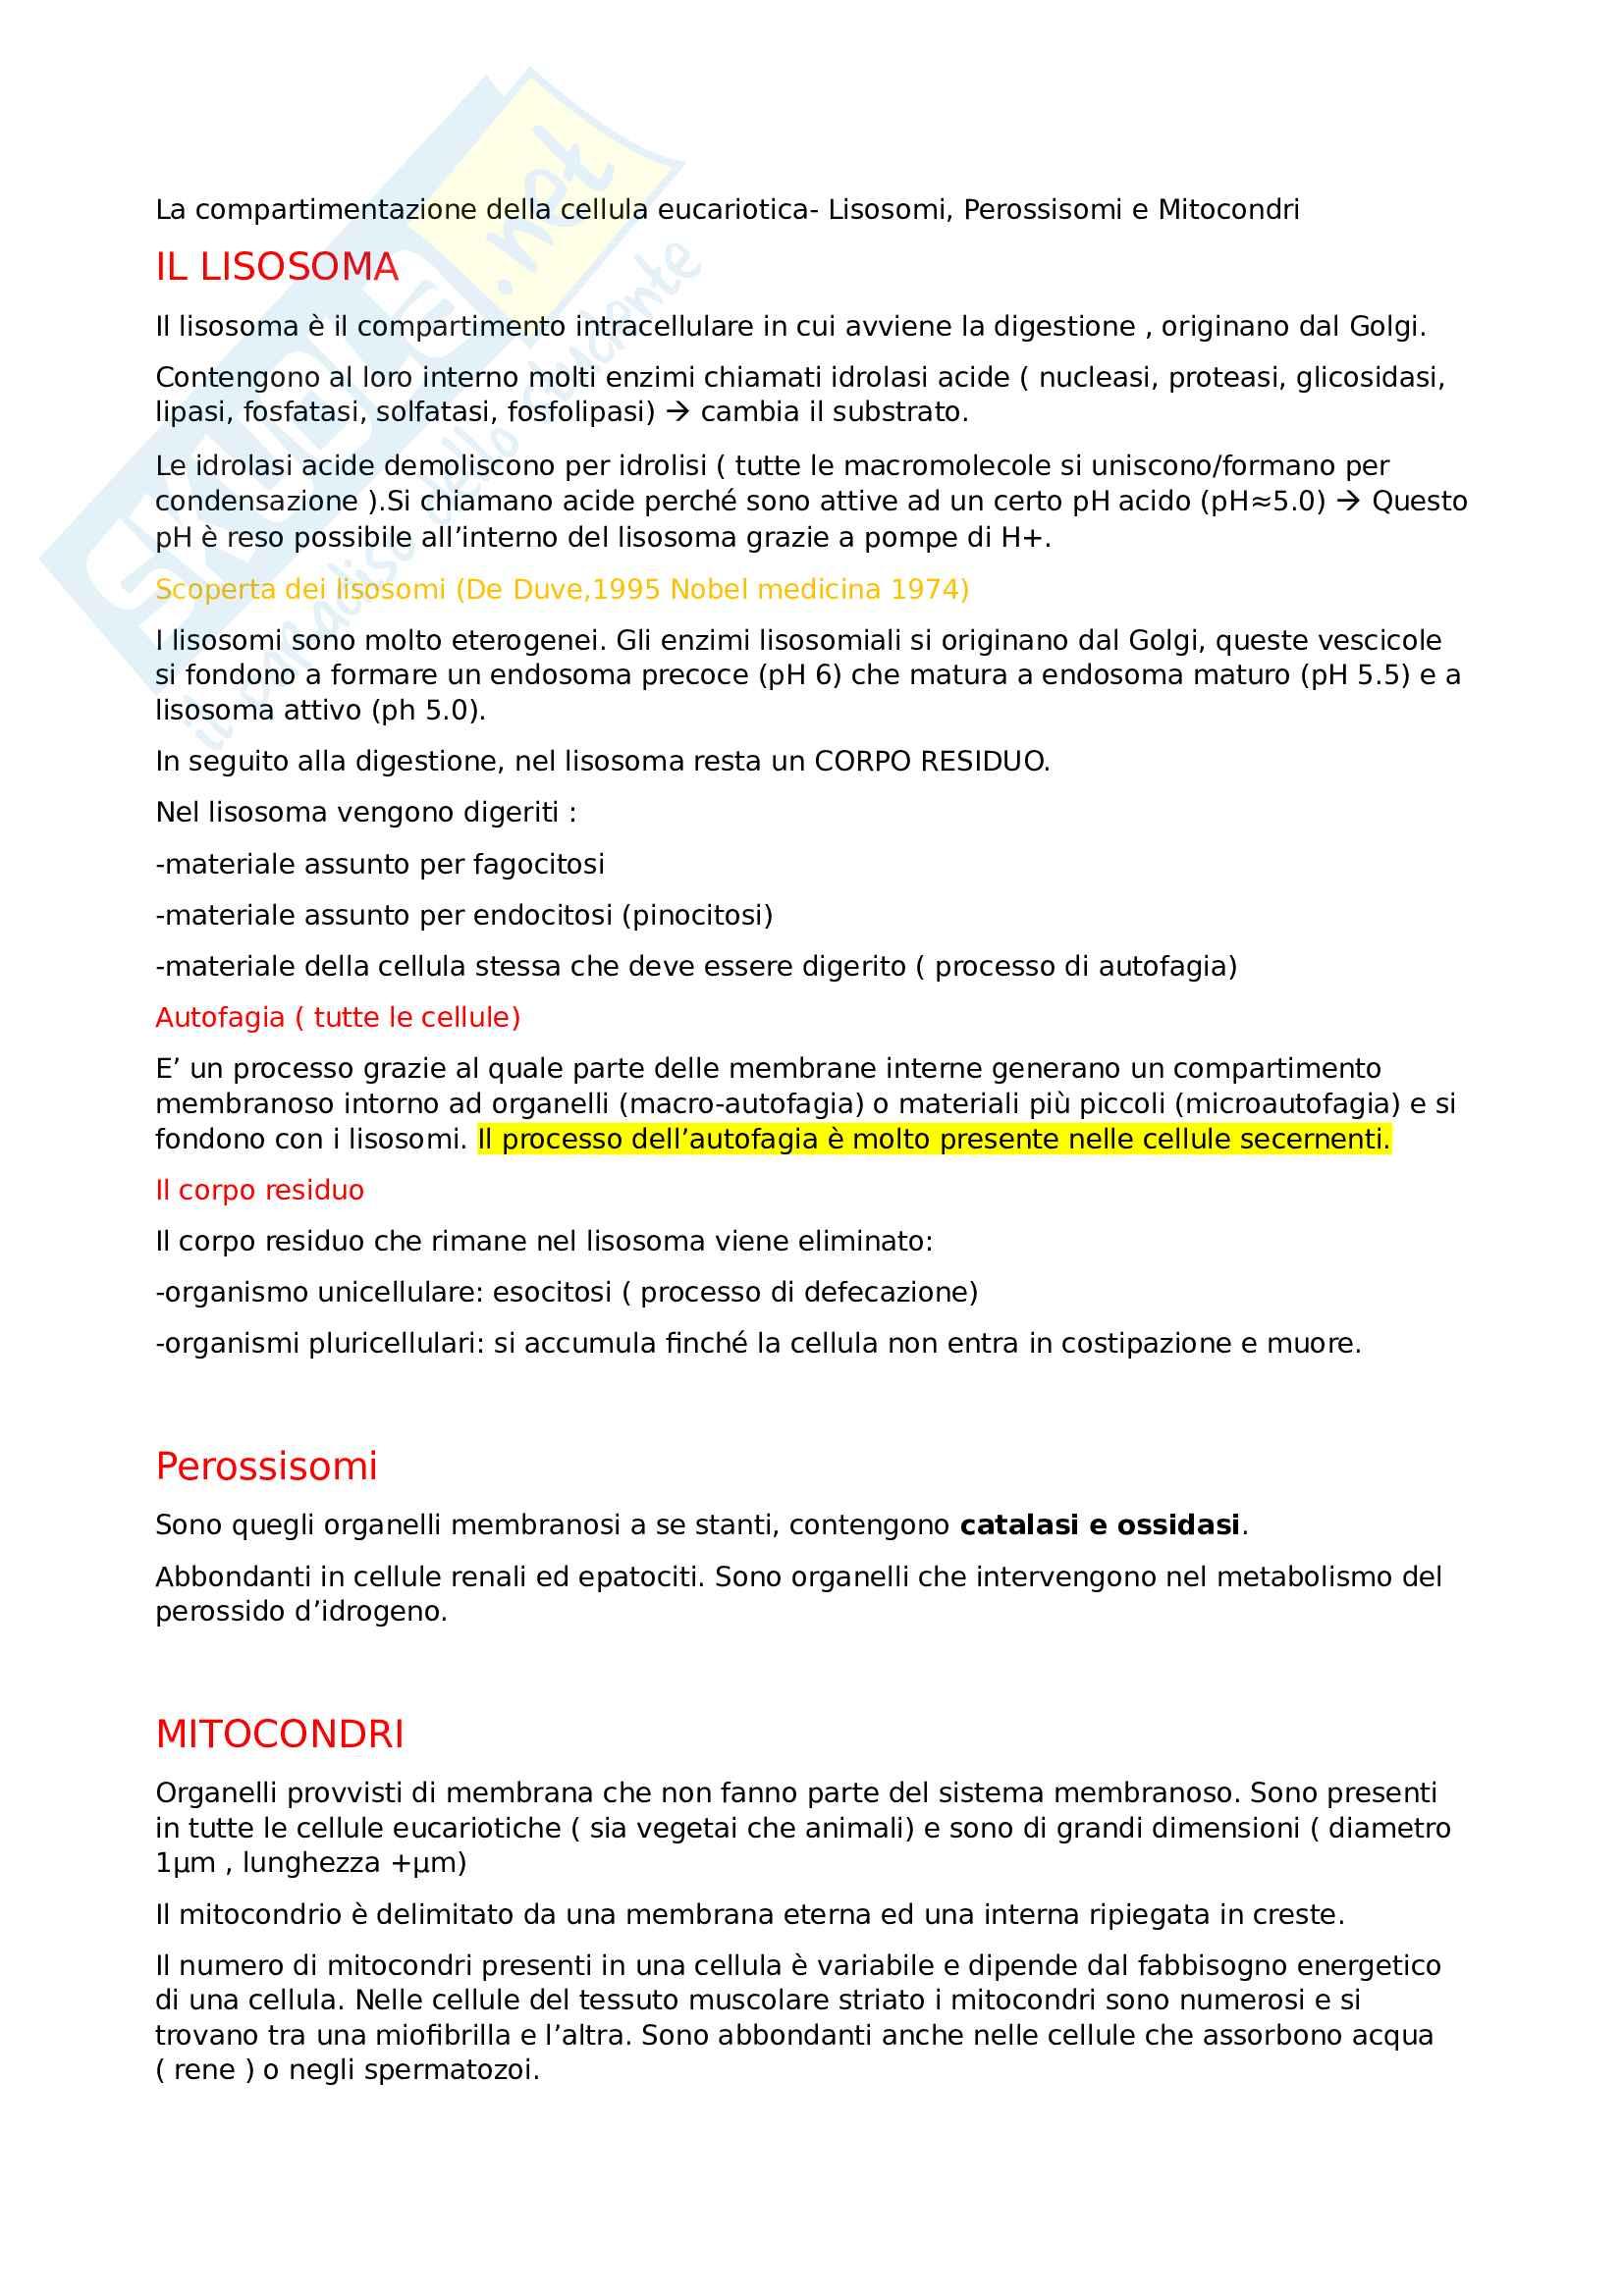 Appunti biologia cellulare - Compartimentazione cellulare: lisosomi perossisomi e mitocondri con respirazione cellulare